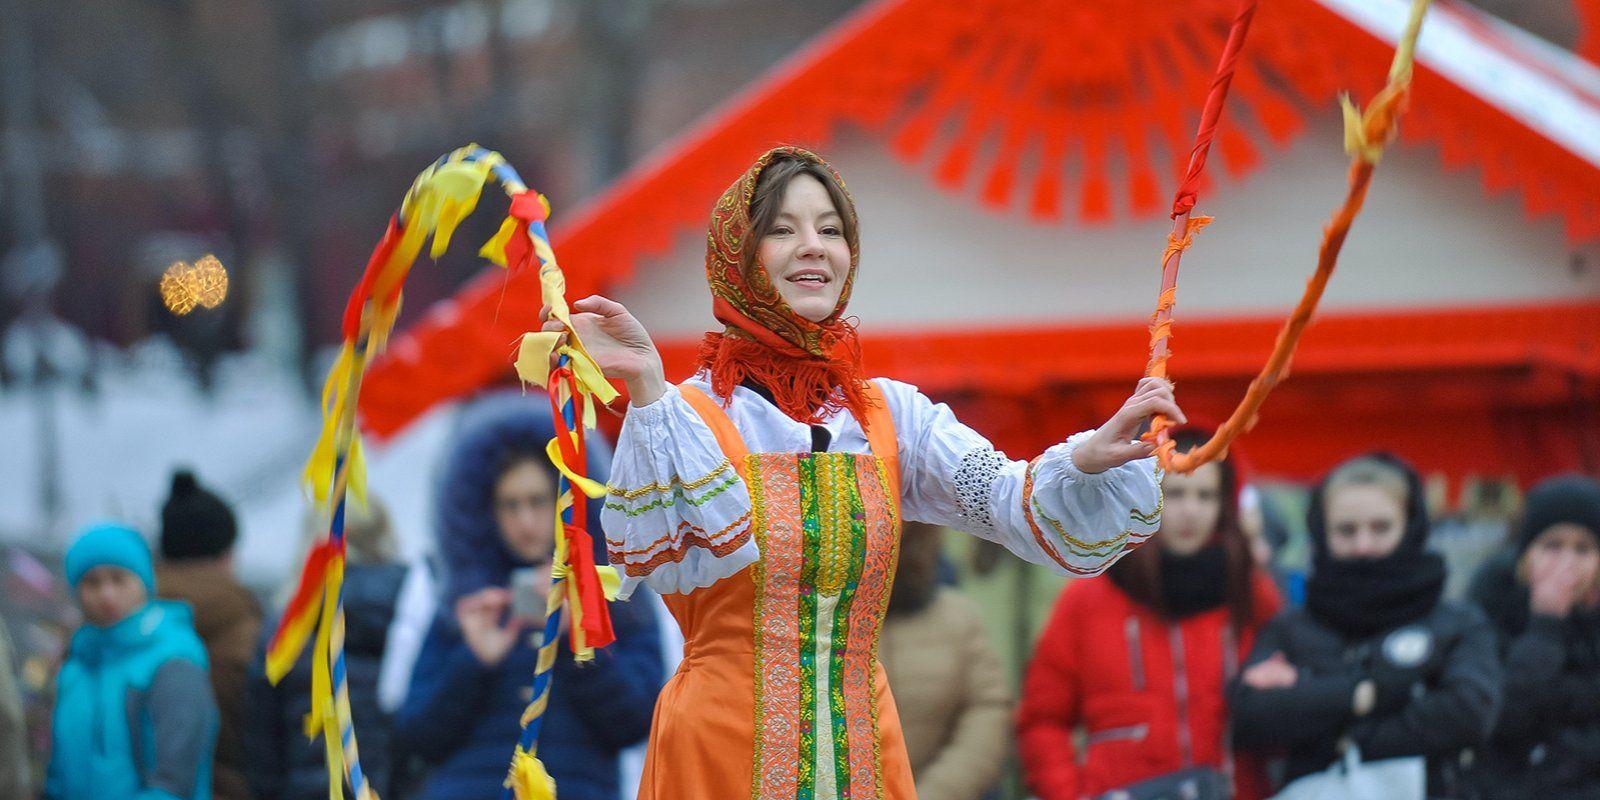 Пора провожать зиму: как отметят Масленицу в Новой Москве